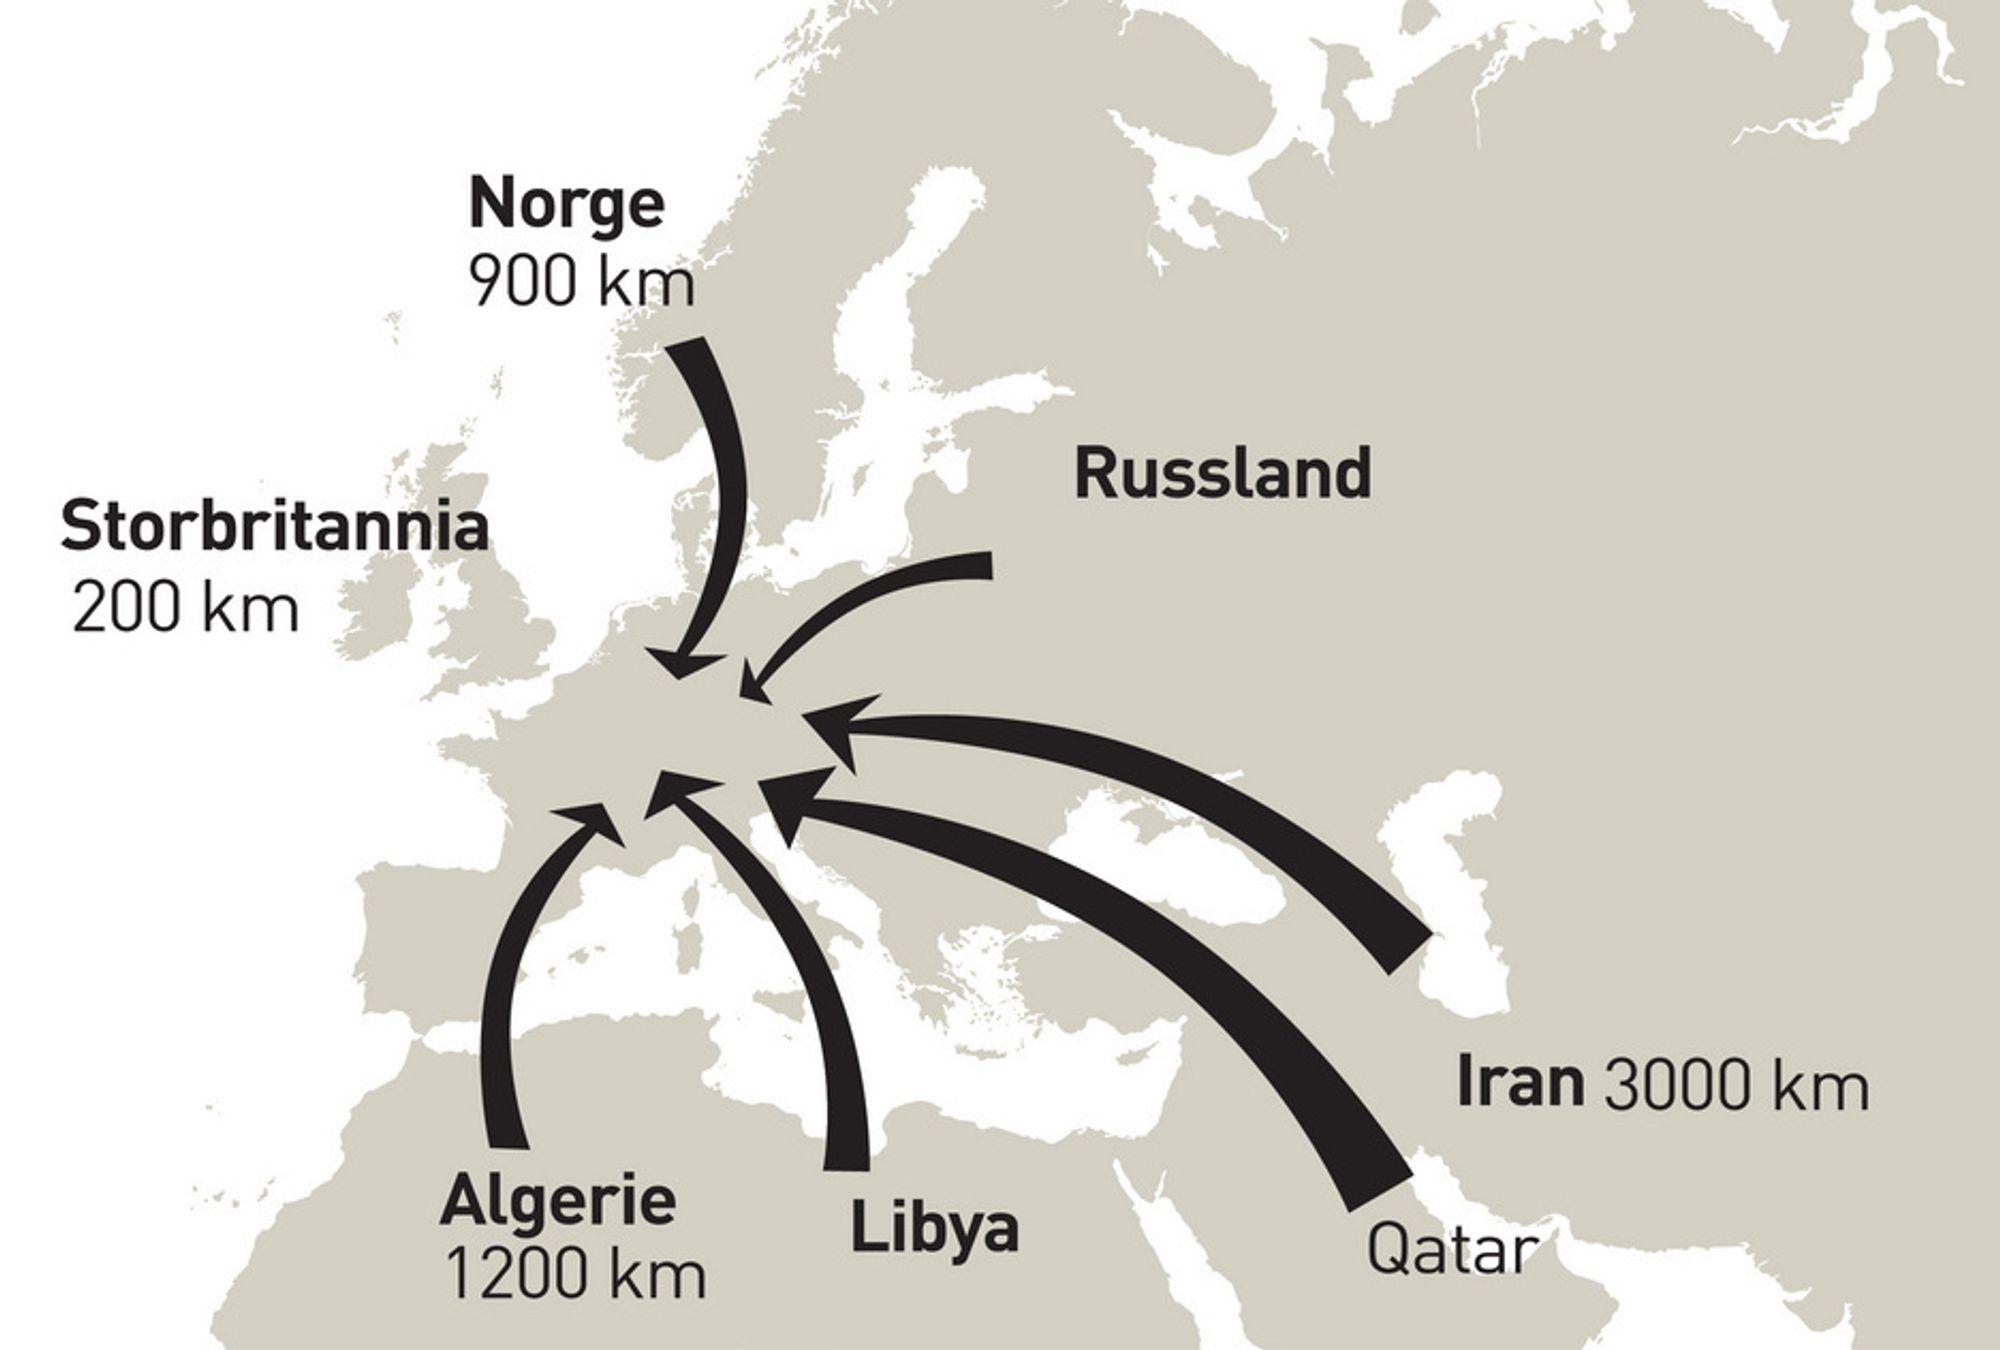 Europeisk frykt for gass-OPEC